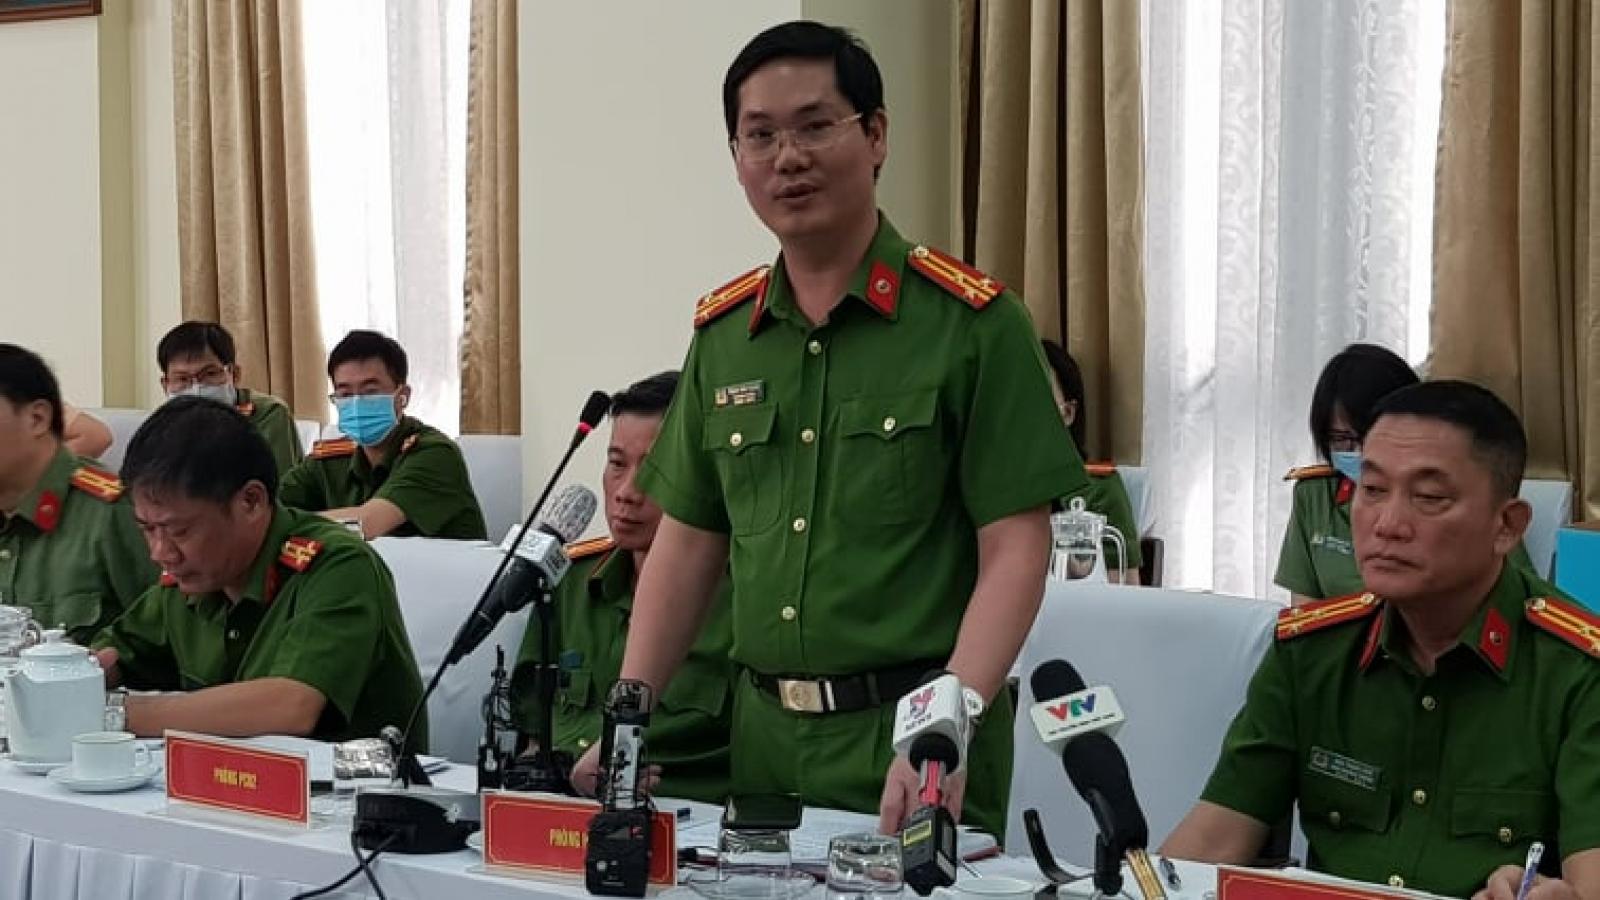 Công an TP.HCM thông tin về vụ án liên quan ông Tất Thành Cang